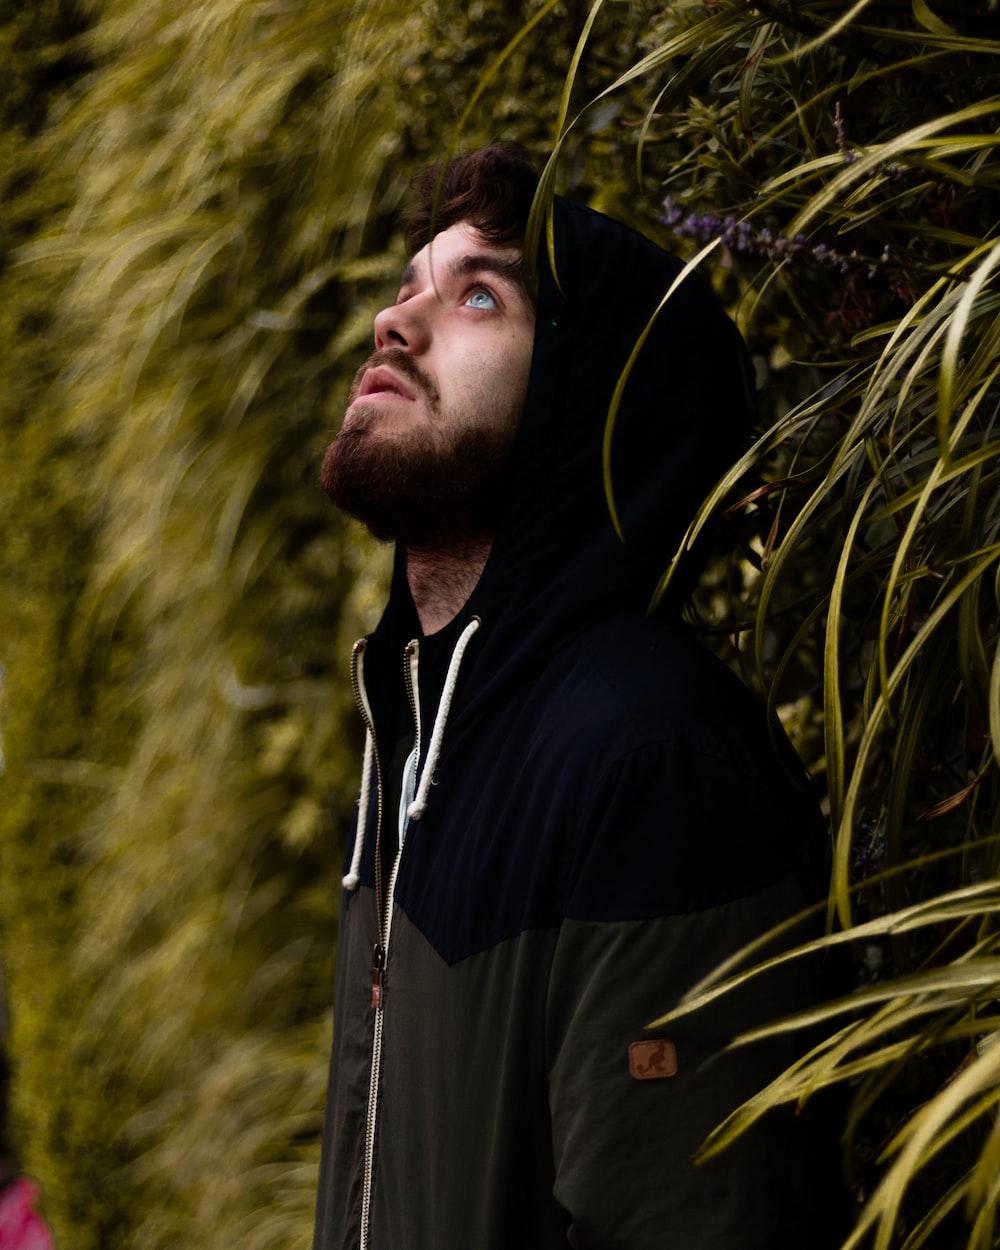 man wearing black zip-up hoodie looking up